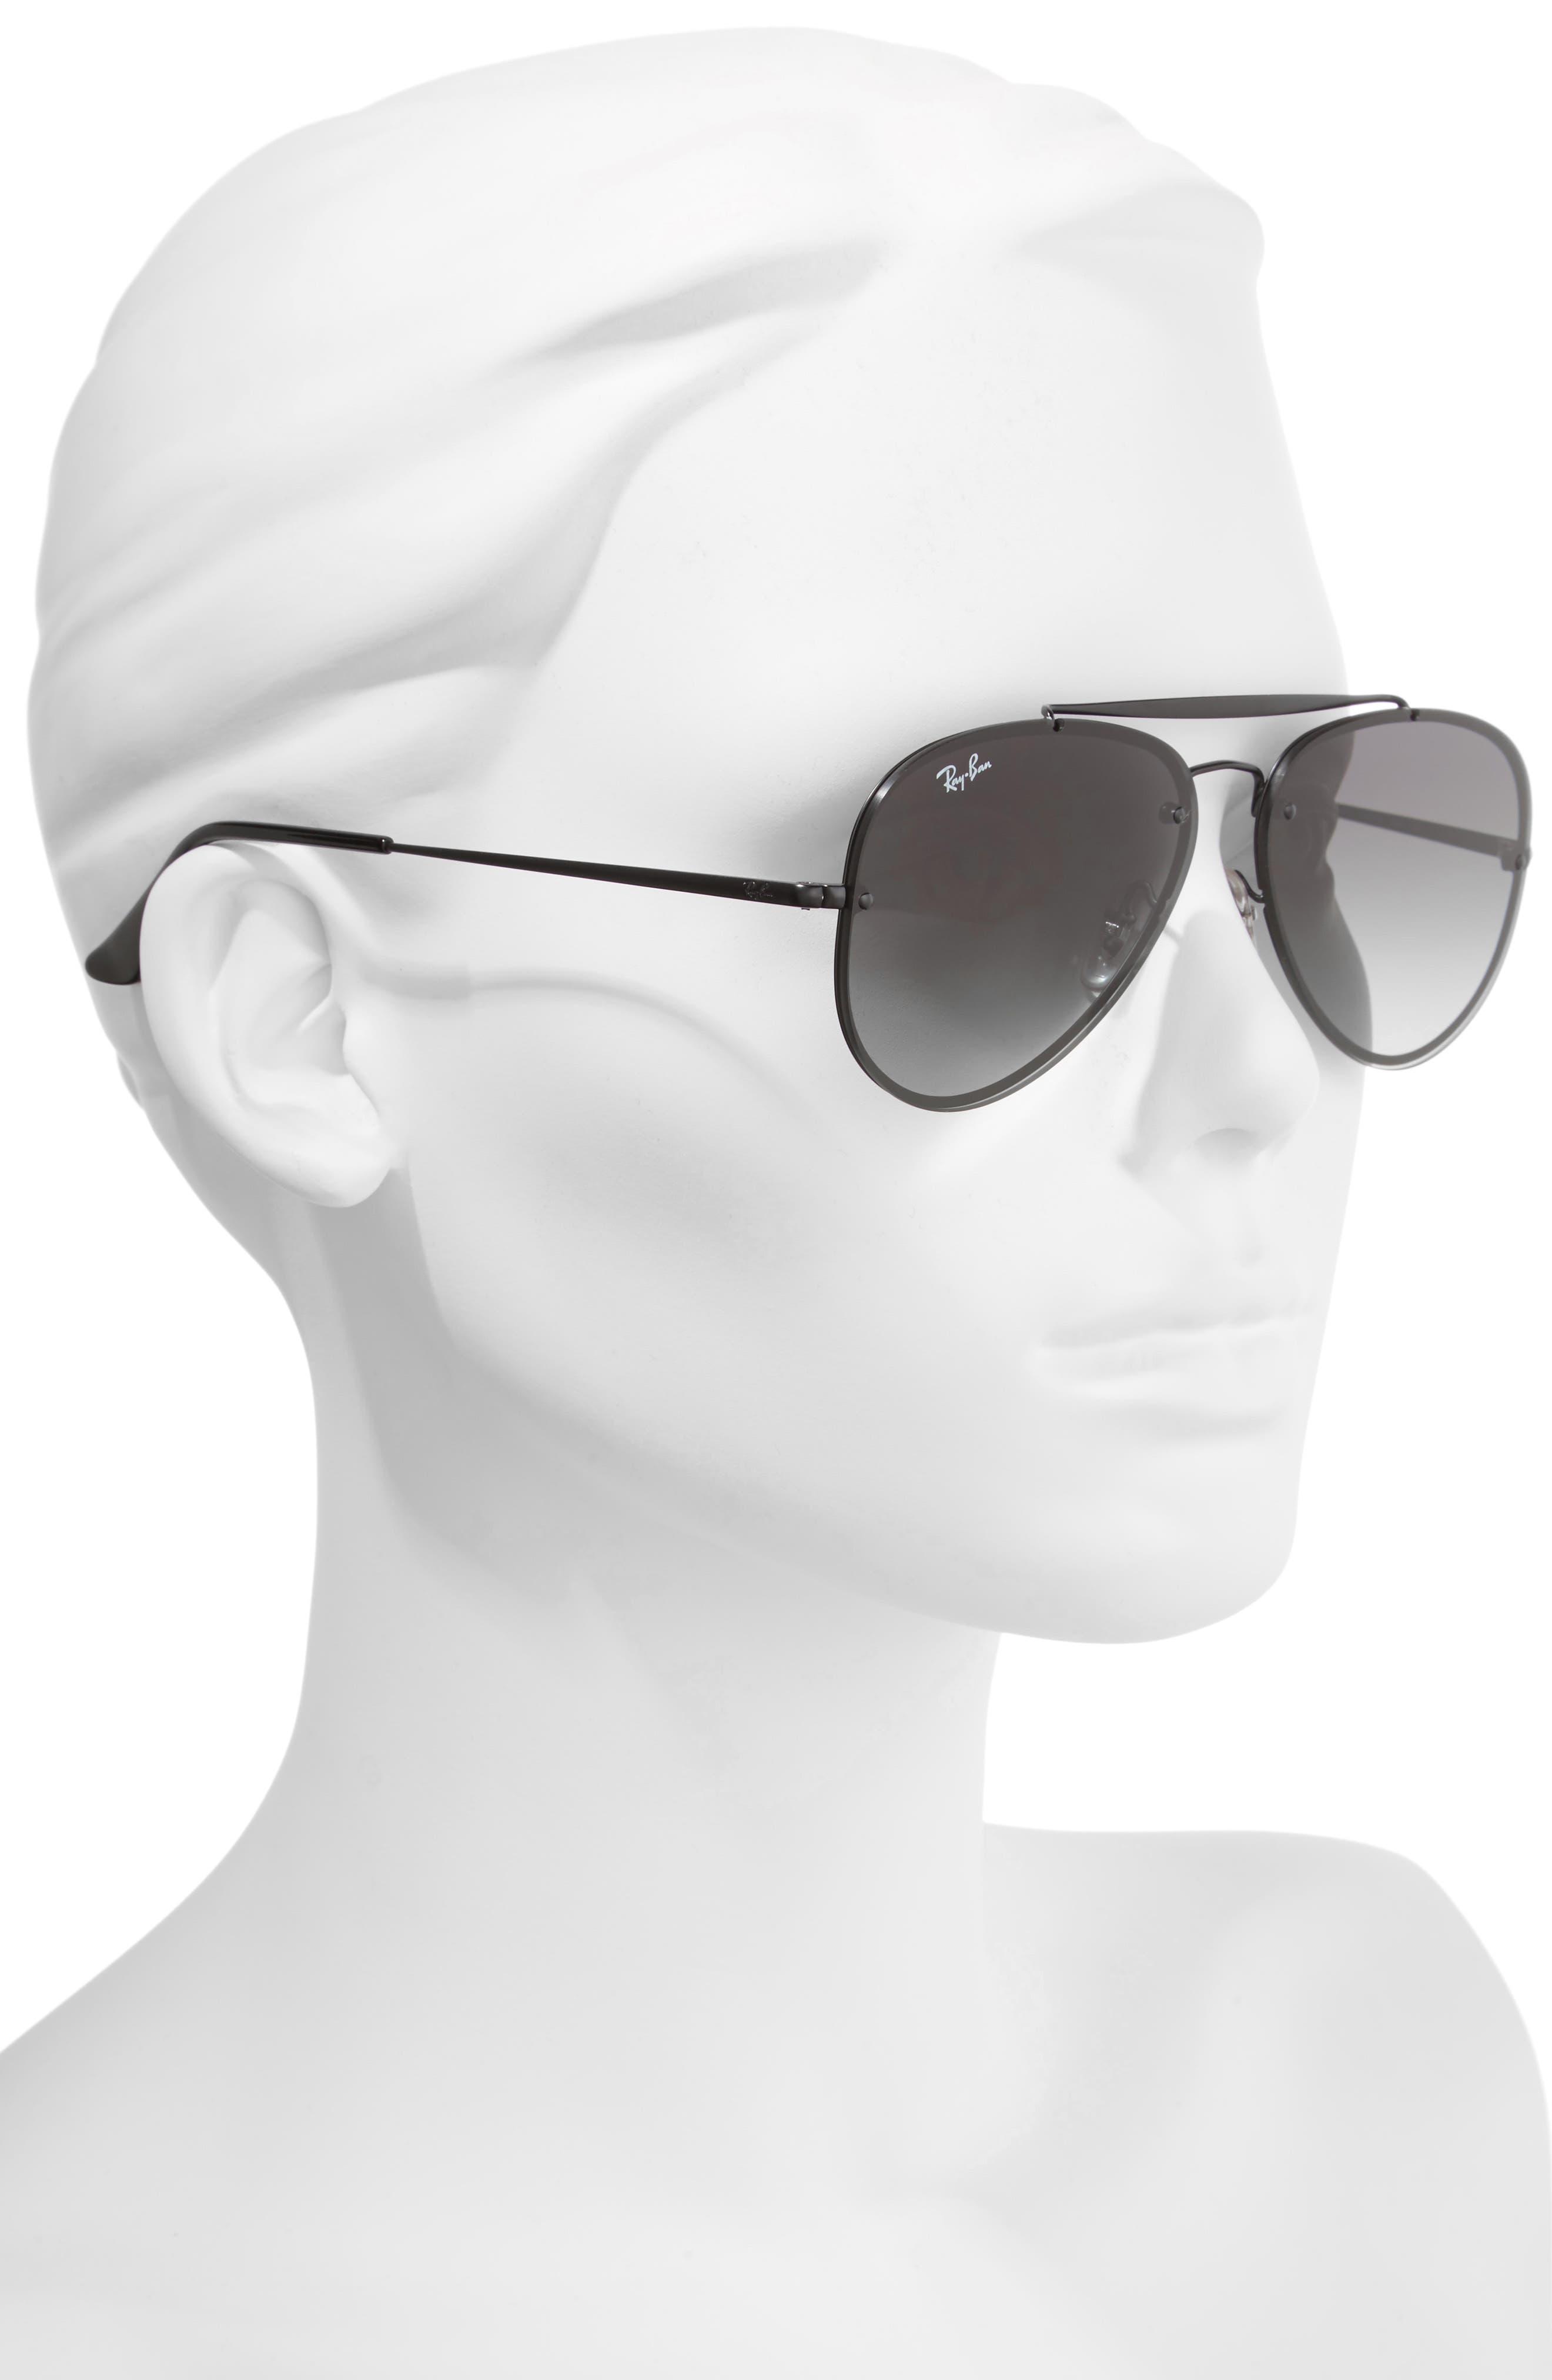 58mm Aviator Sunglasses,                             Alternate thumbnail 2, color,                             Shiny Black